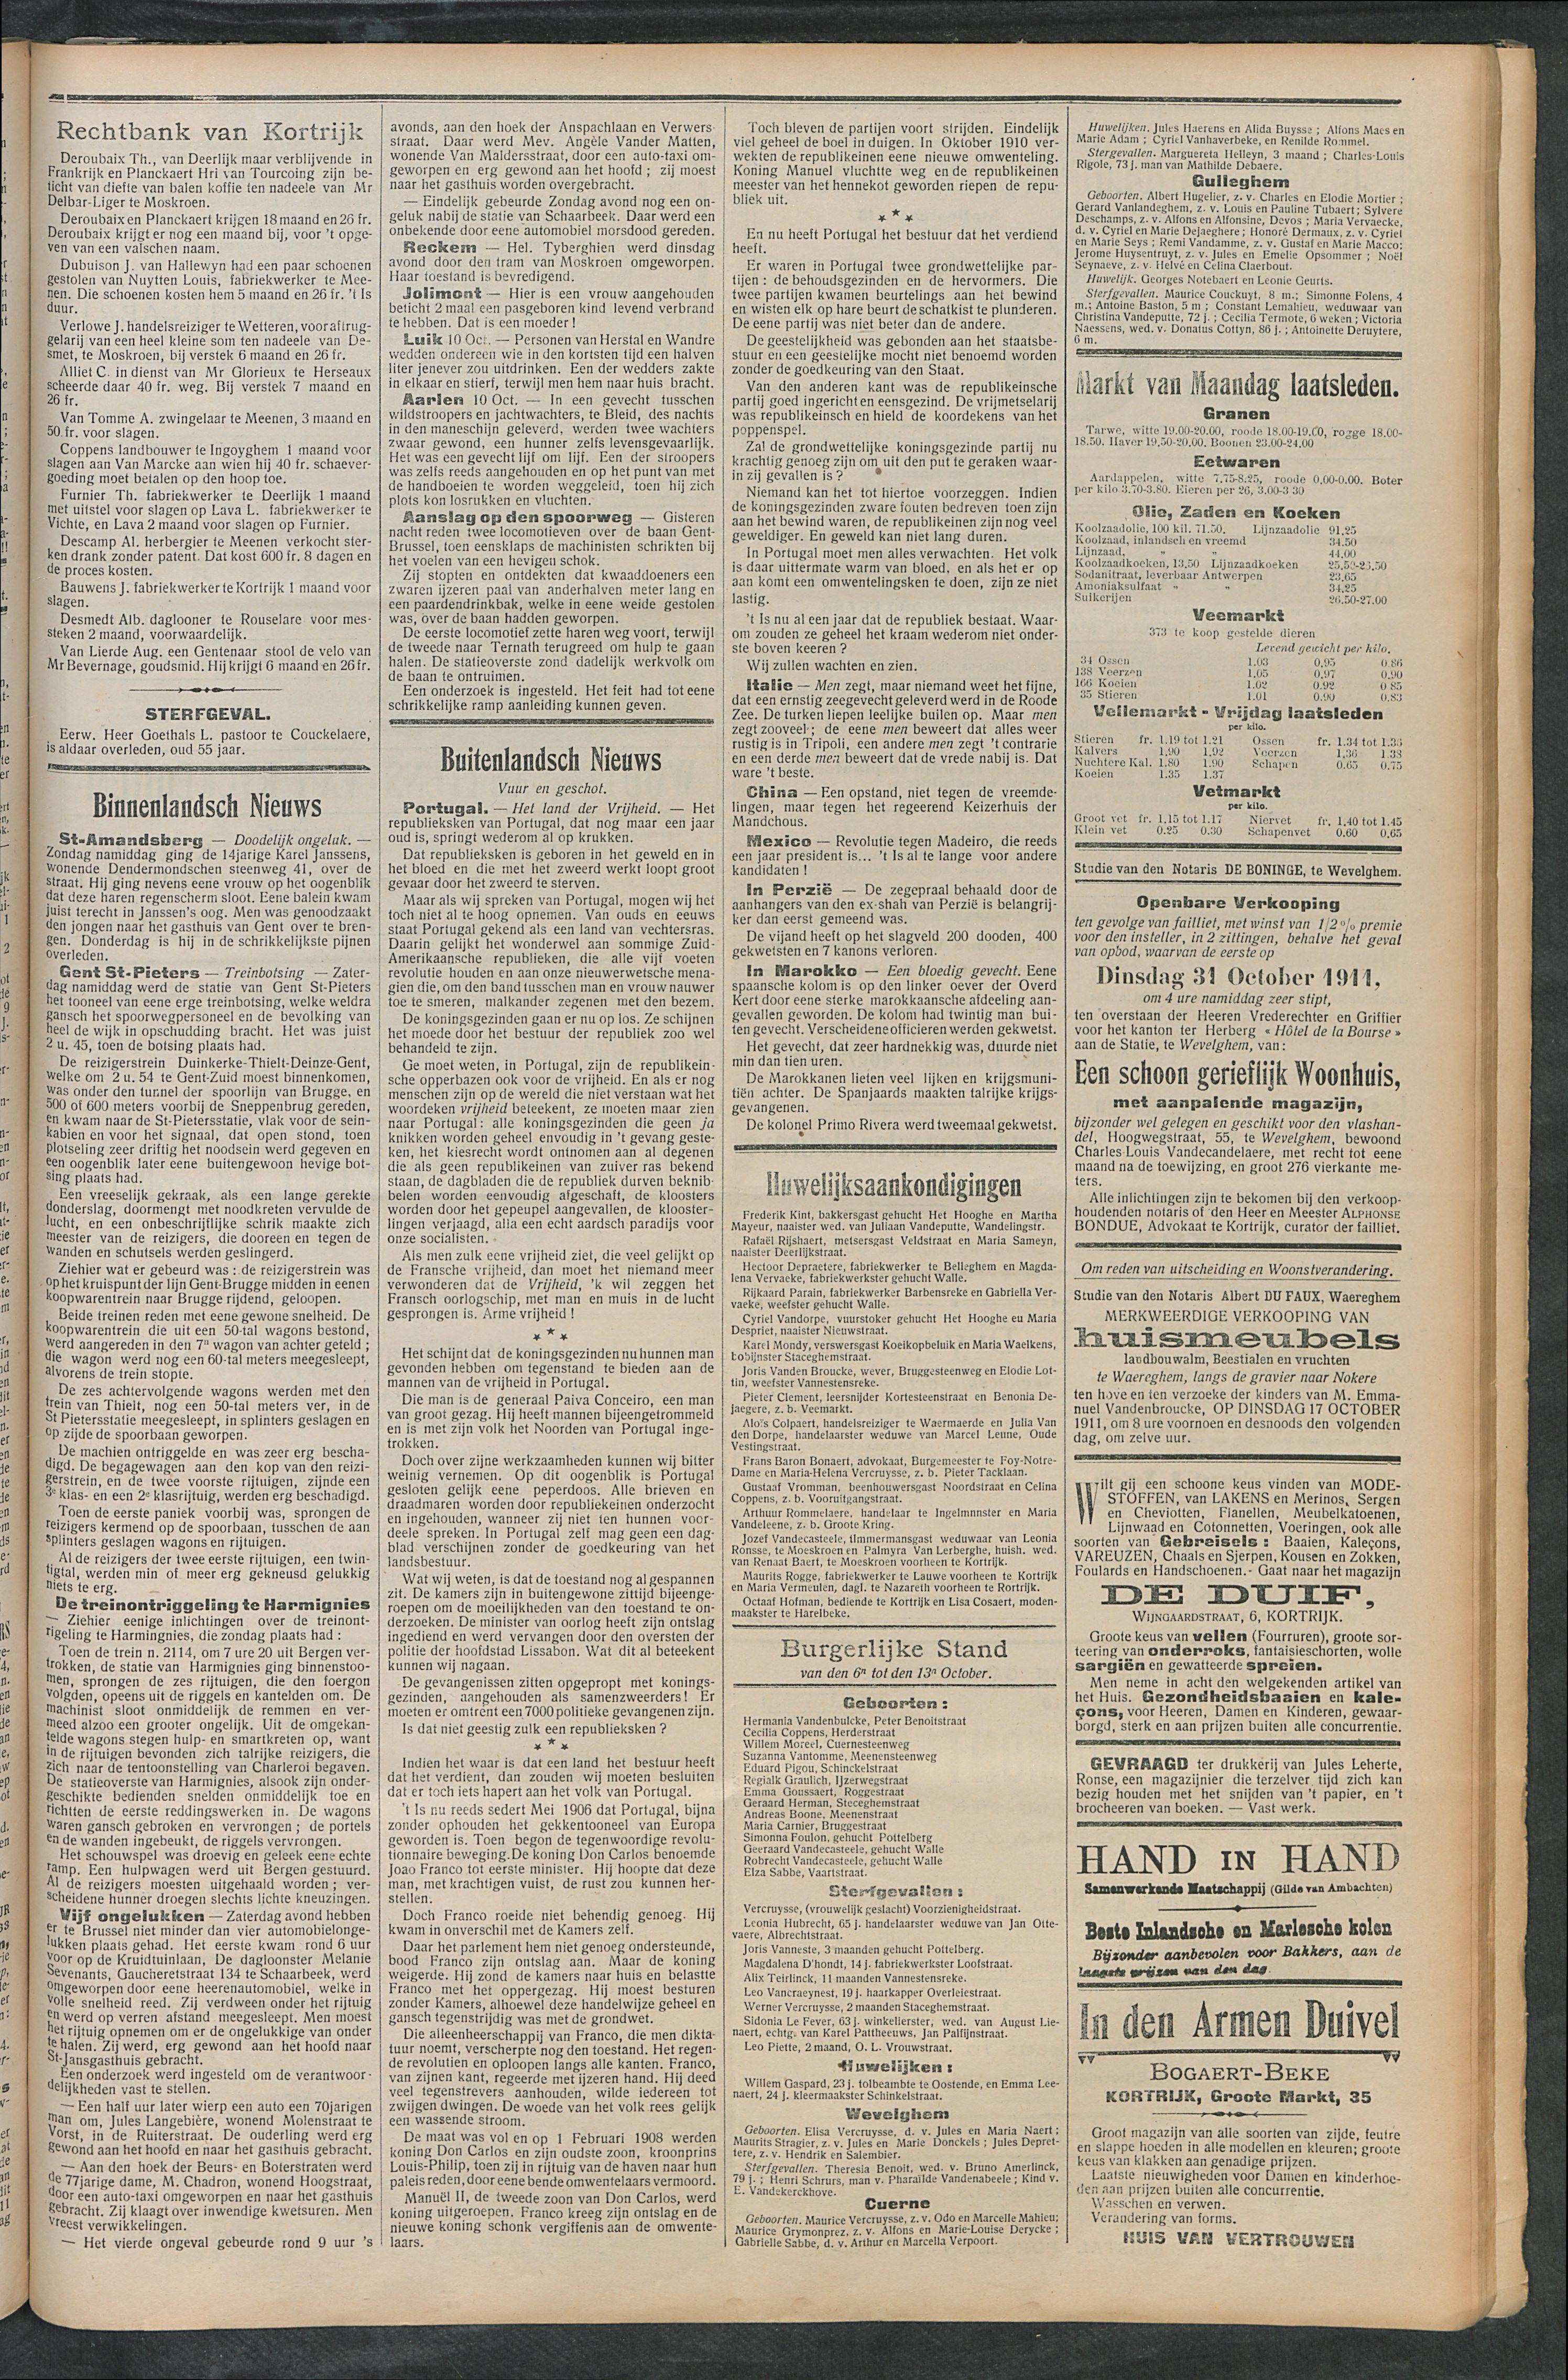 Het Kortrijksche Volk 1911-10-15 p3